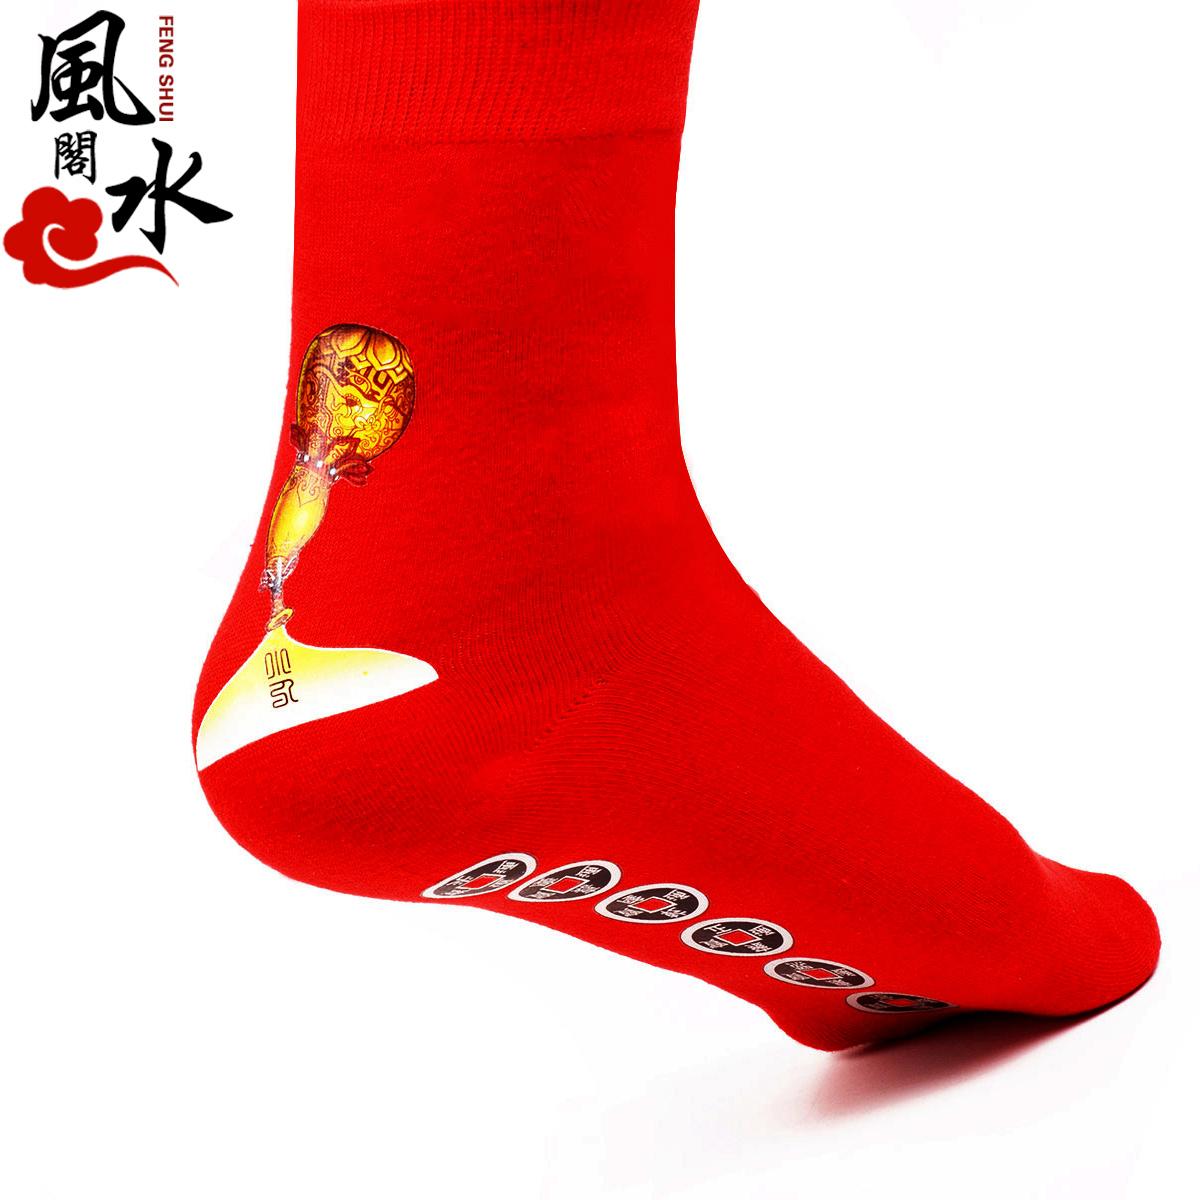 風水閣2017丁酉雞年本命年紅襪子化太歲紅襪貔貅葫蘆招財樹男女款